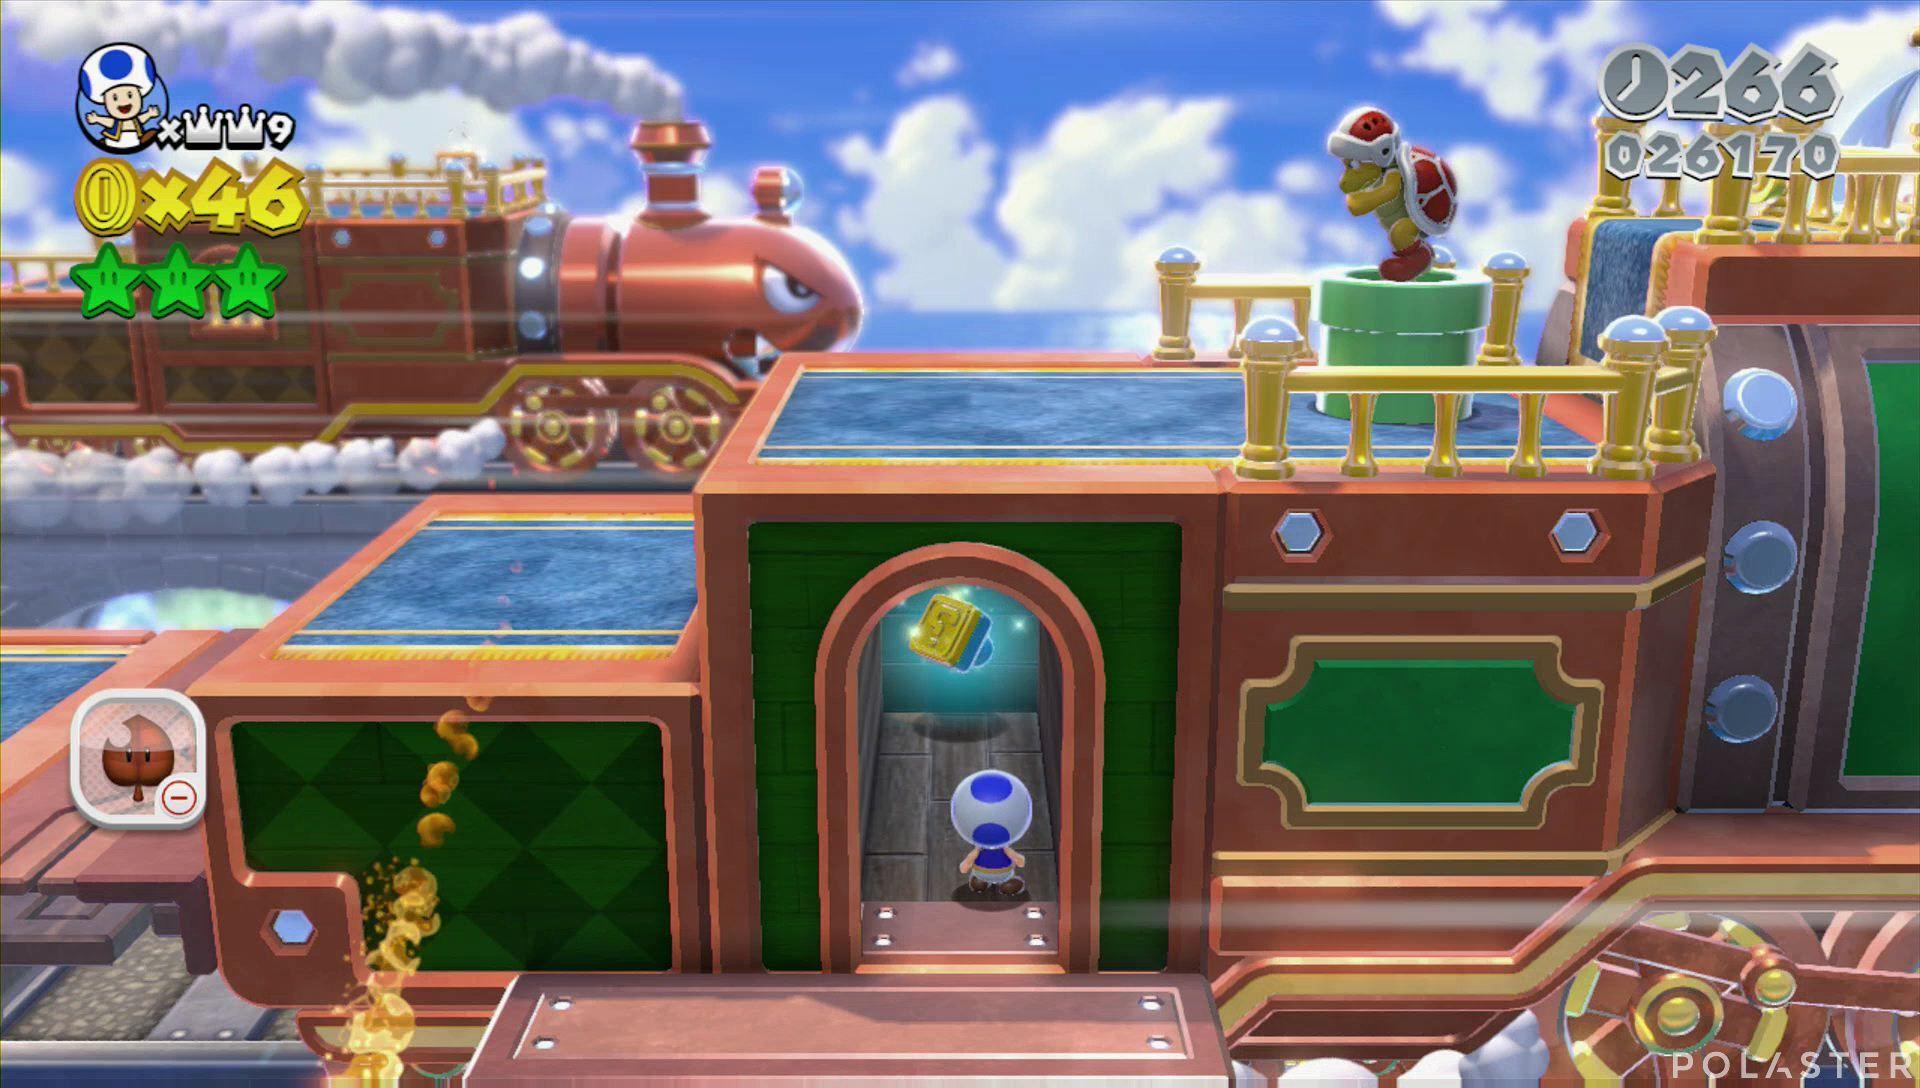 Super Mario 3D World Mundo 3-Castillo Sello